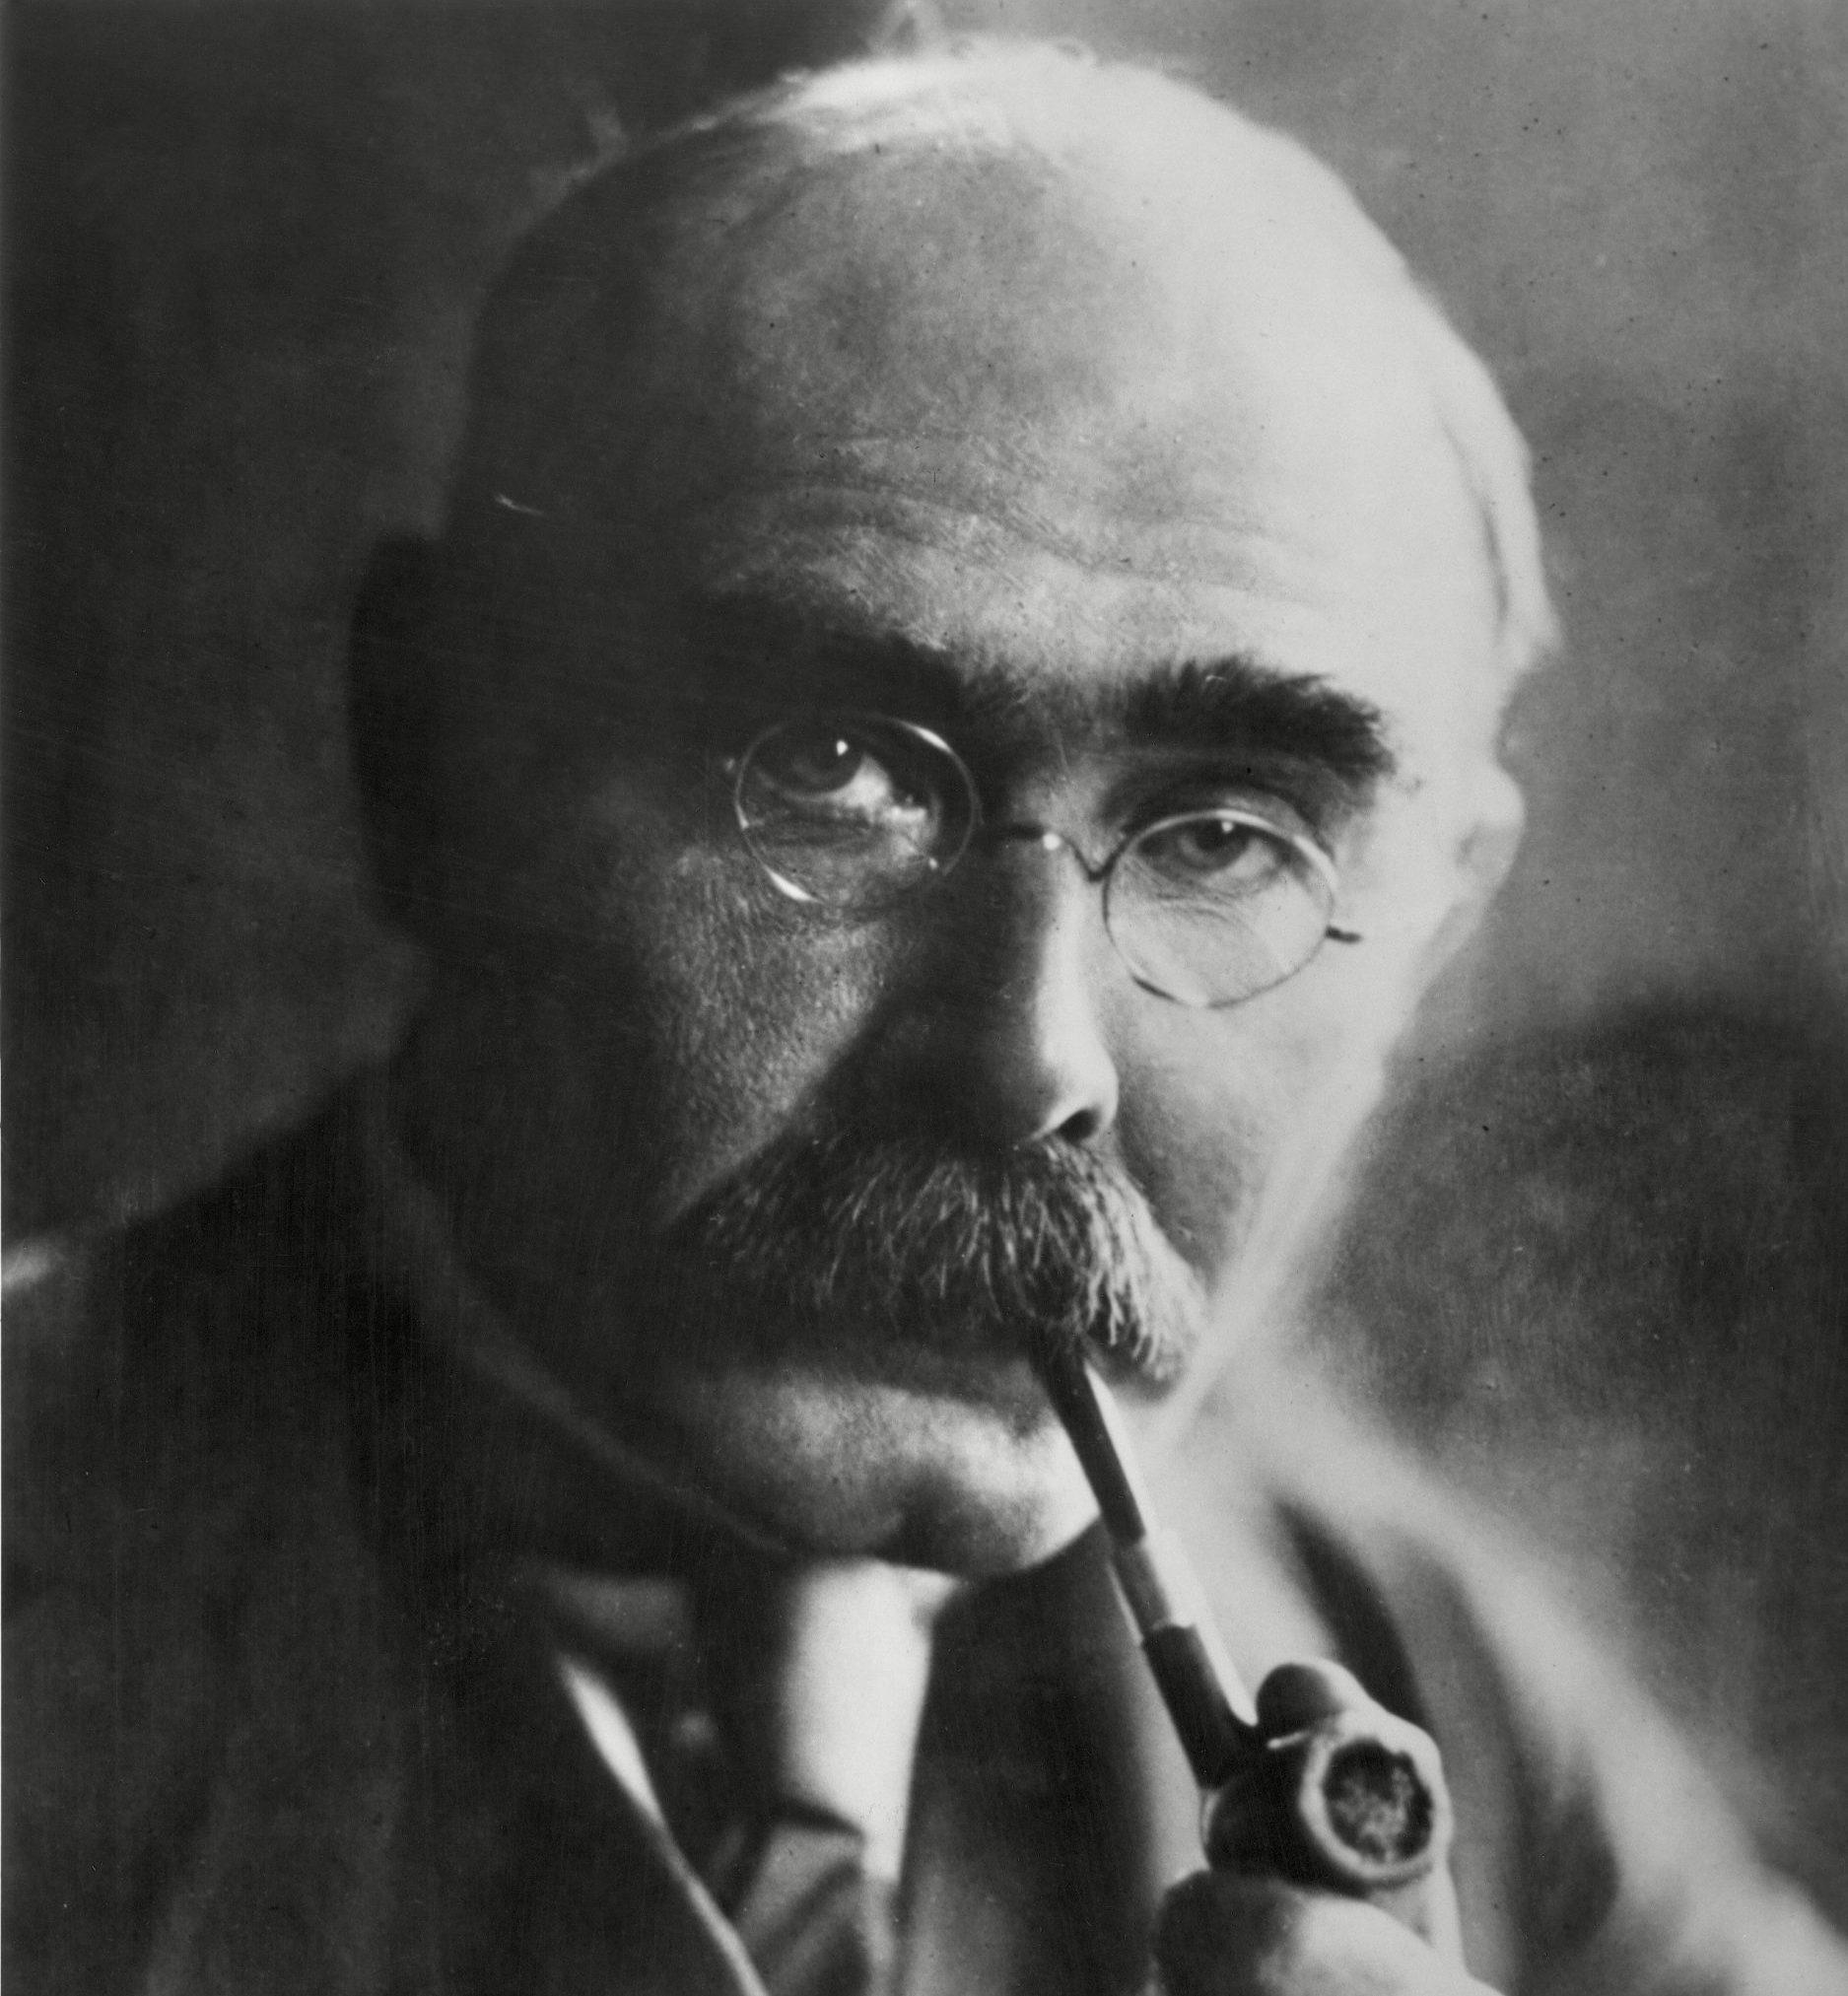 Rudyard Kipling photo #2658, Rudyard Kipling image